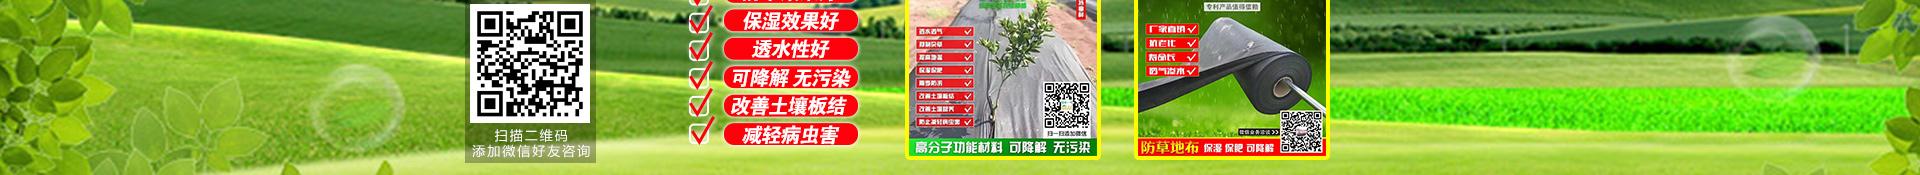 江西威骏科技股份万博manbetx官网客服